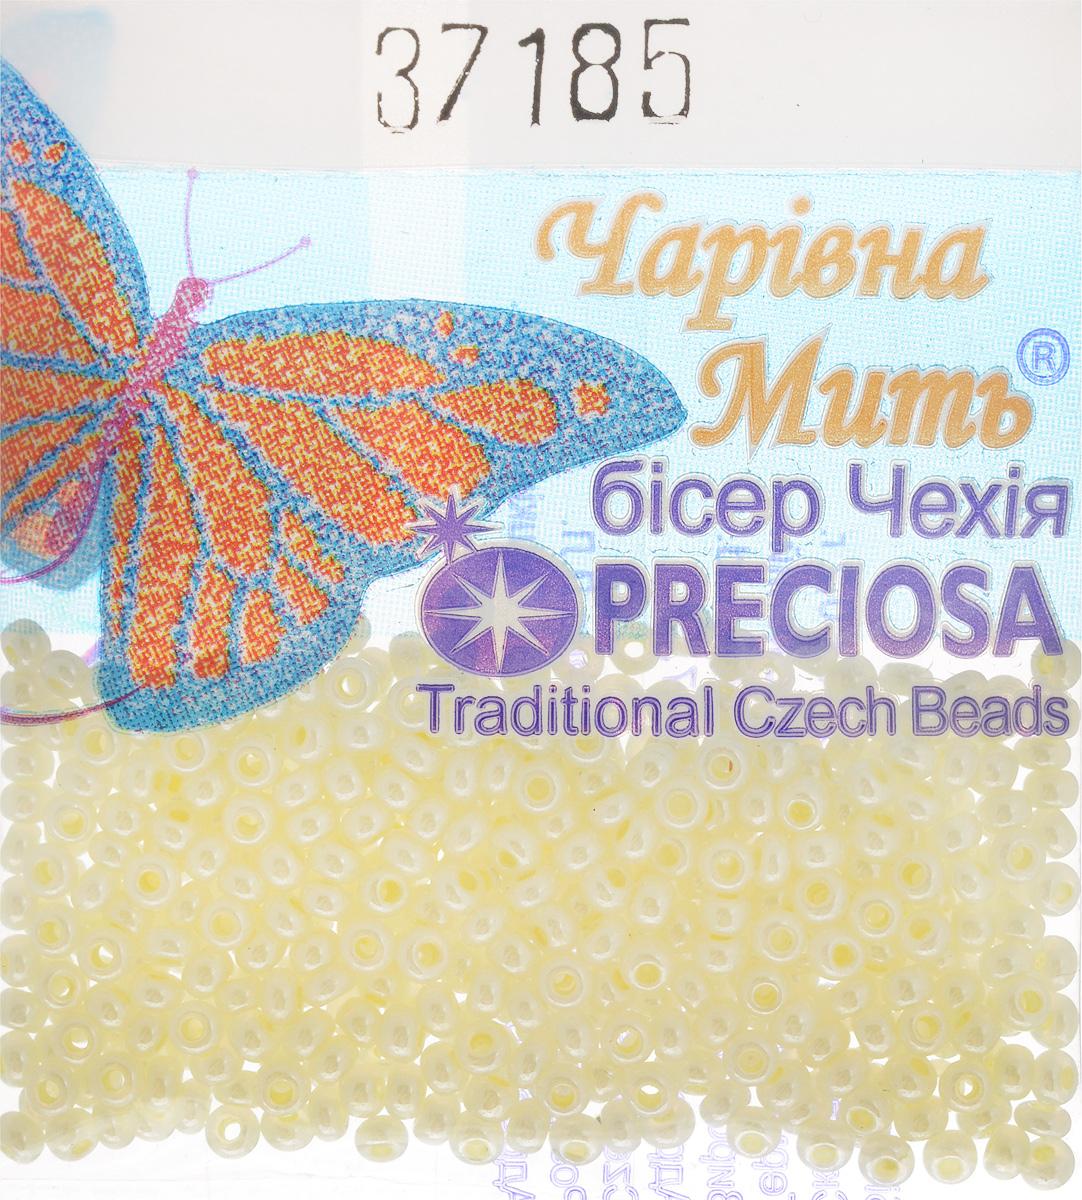 Бисер Preciosa, непрозрачный, глянцевый, цвет: светло-желтый (37185), 10/0, 5 г бисер preciosa ассорти непрозрачный глянцевый цвет светло лиловый 03195 10 0 20 г